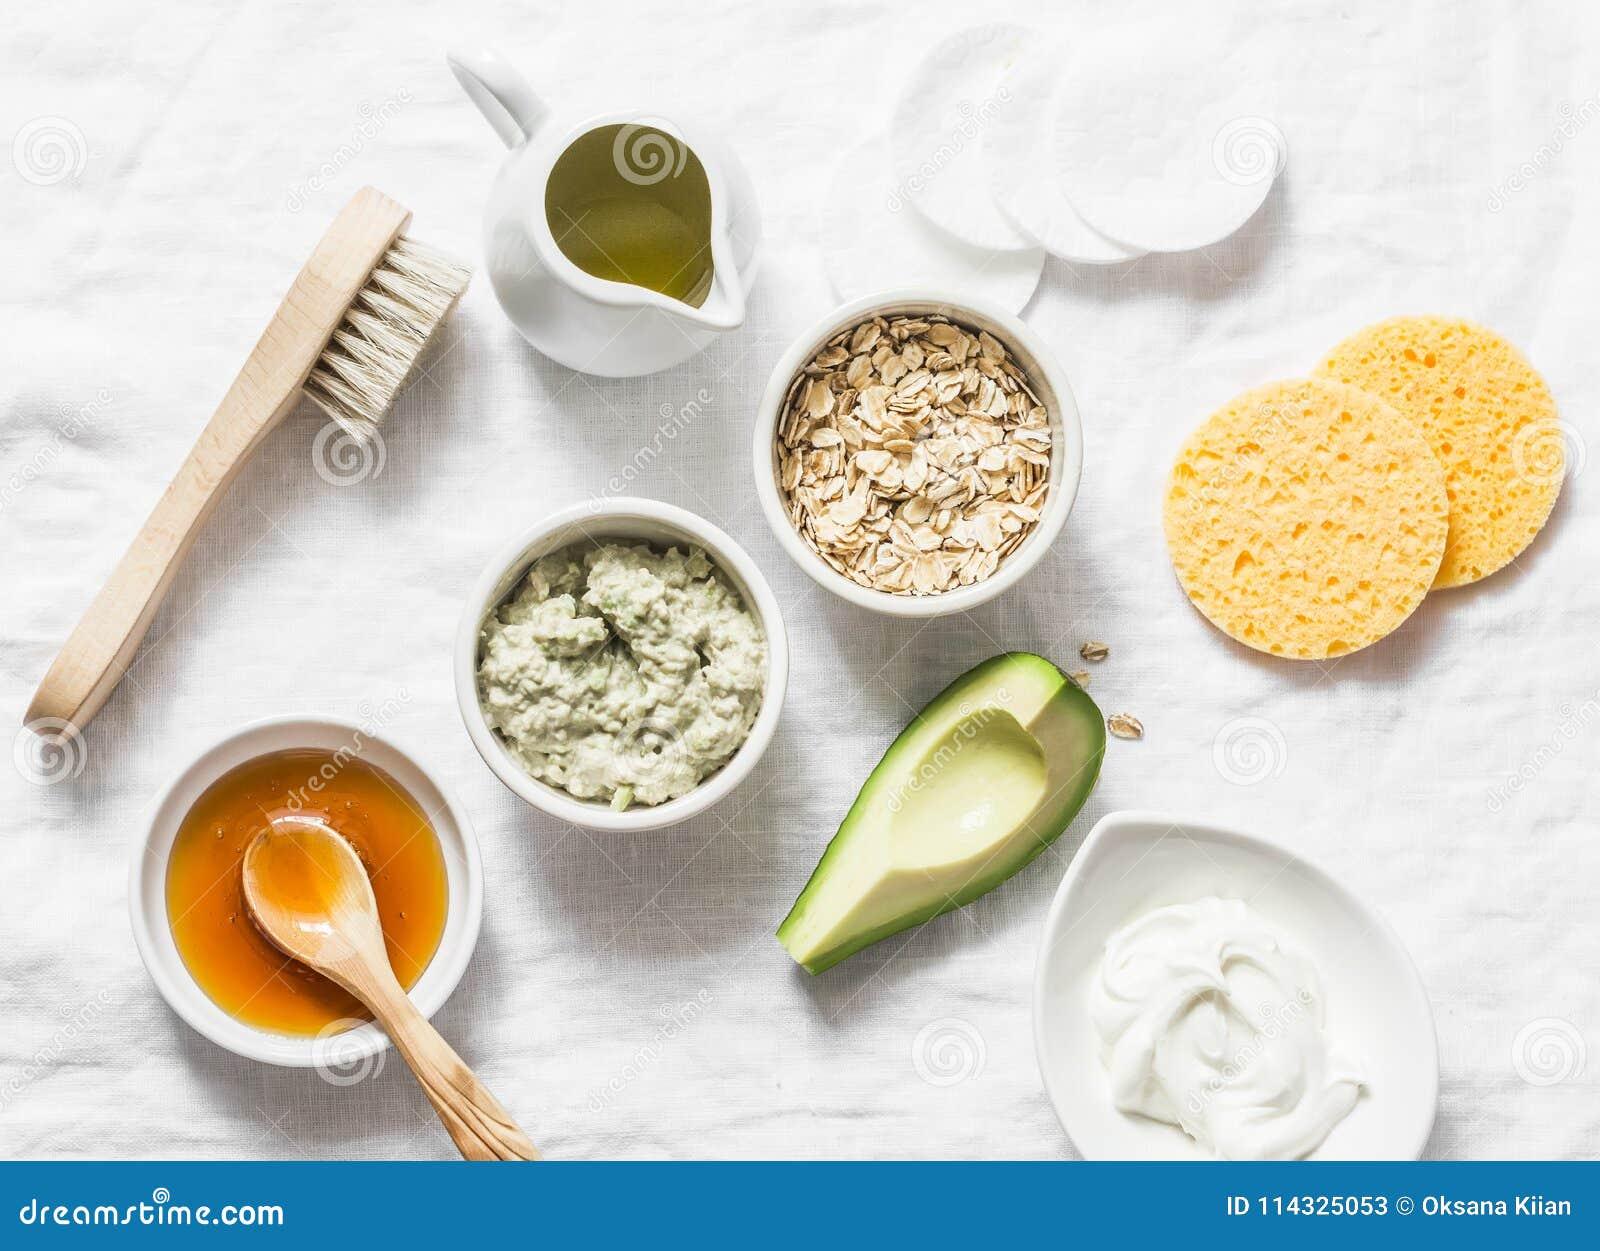 Ингридиенты для moisturizing, кормящ, против старения лицевой щиток гермошлема морщинки - авокадо, оливковое масло, овсяная каша,